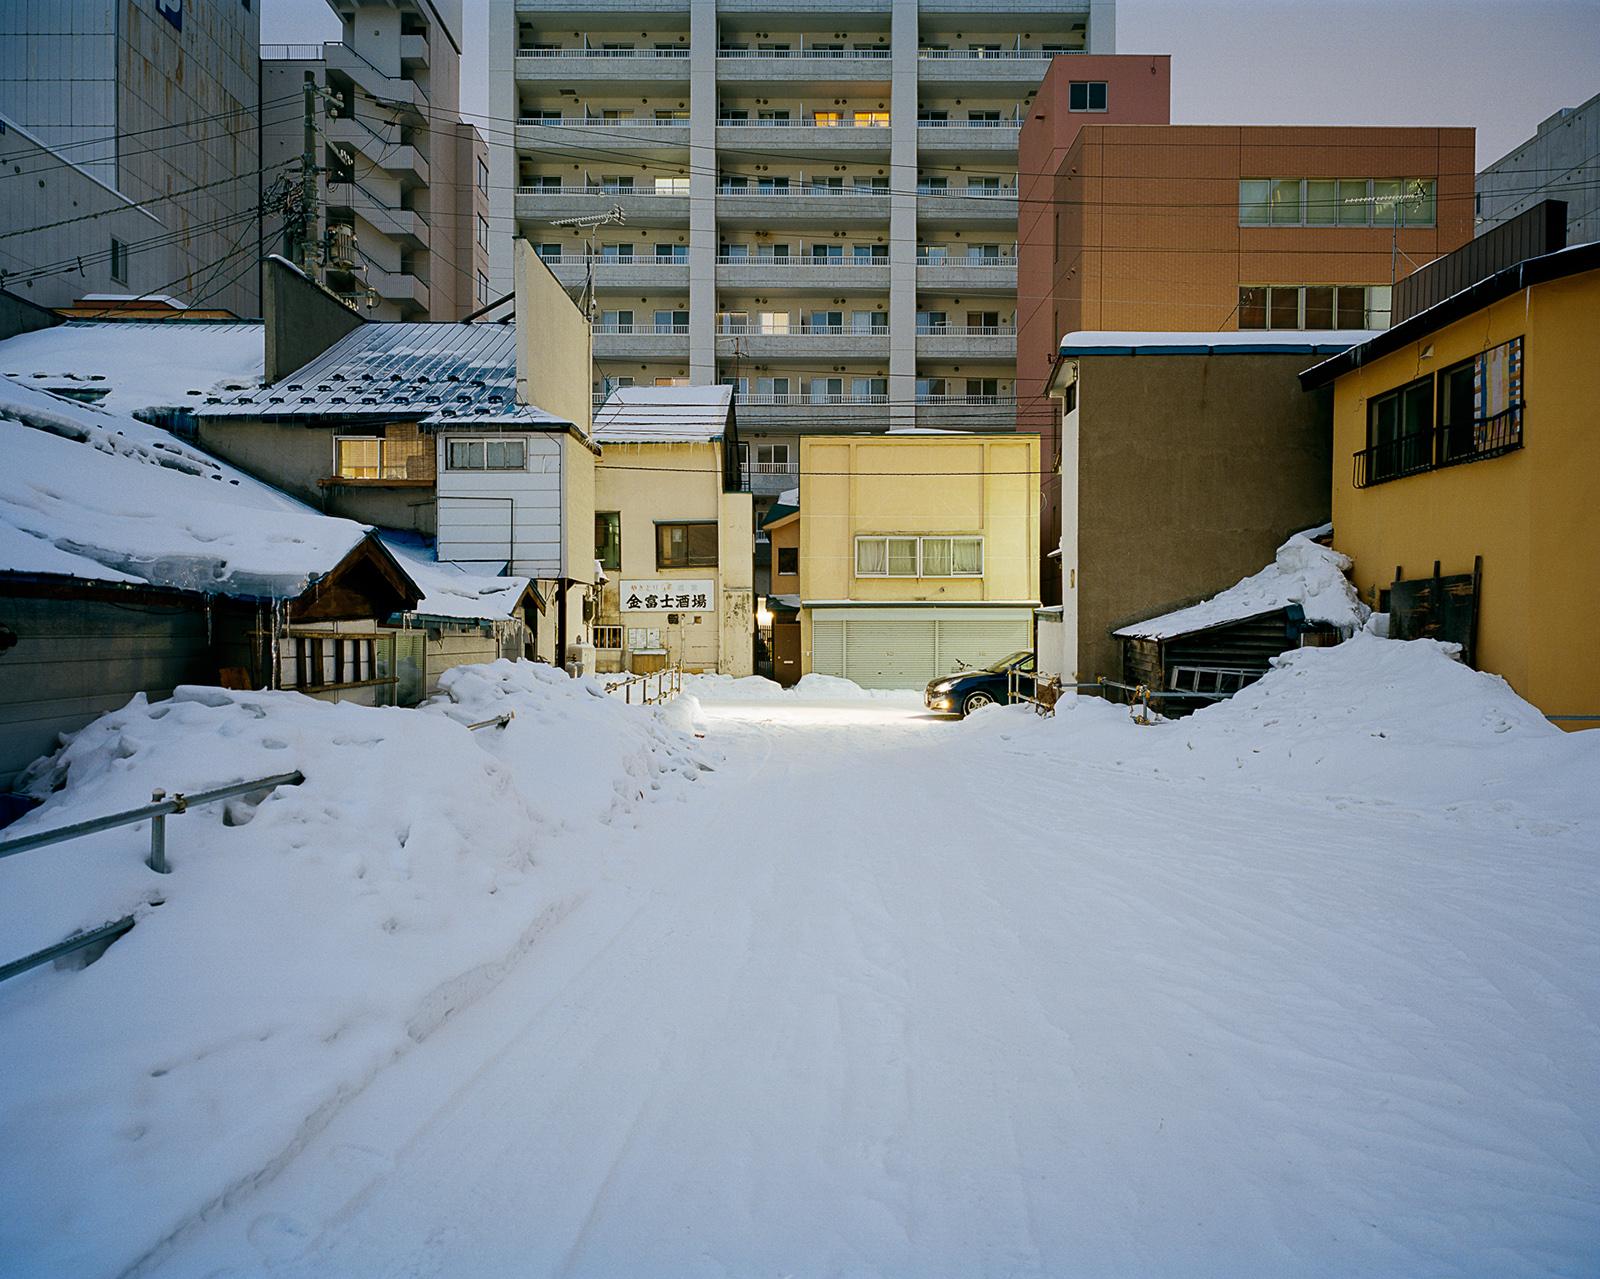 Sapporo White 10.jpg